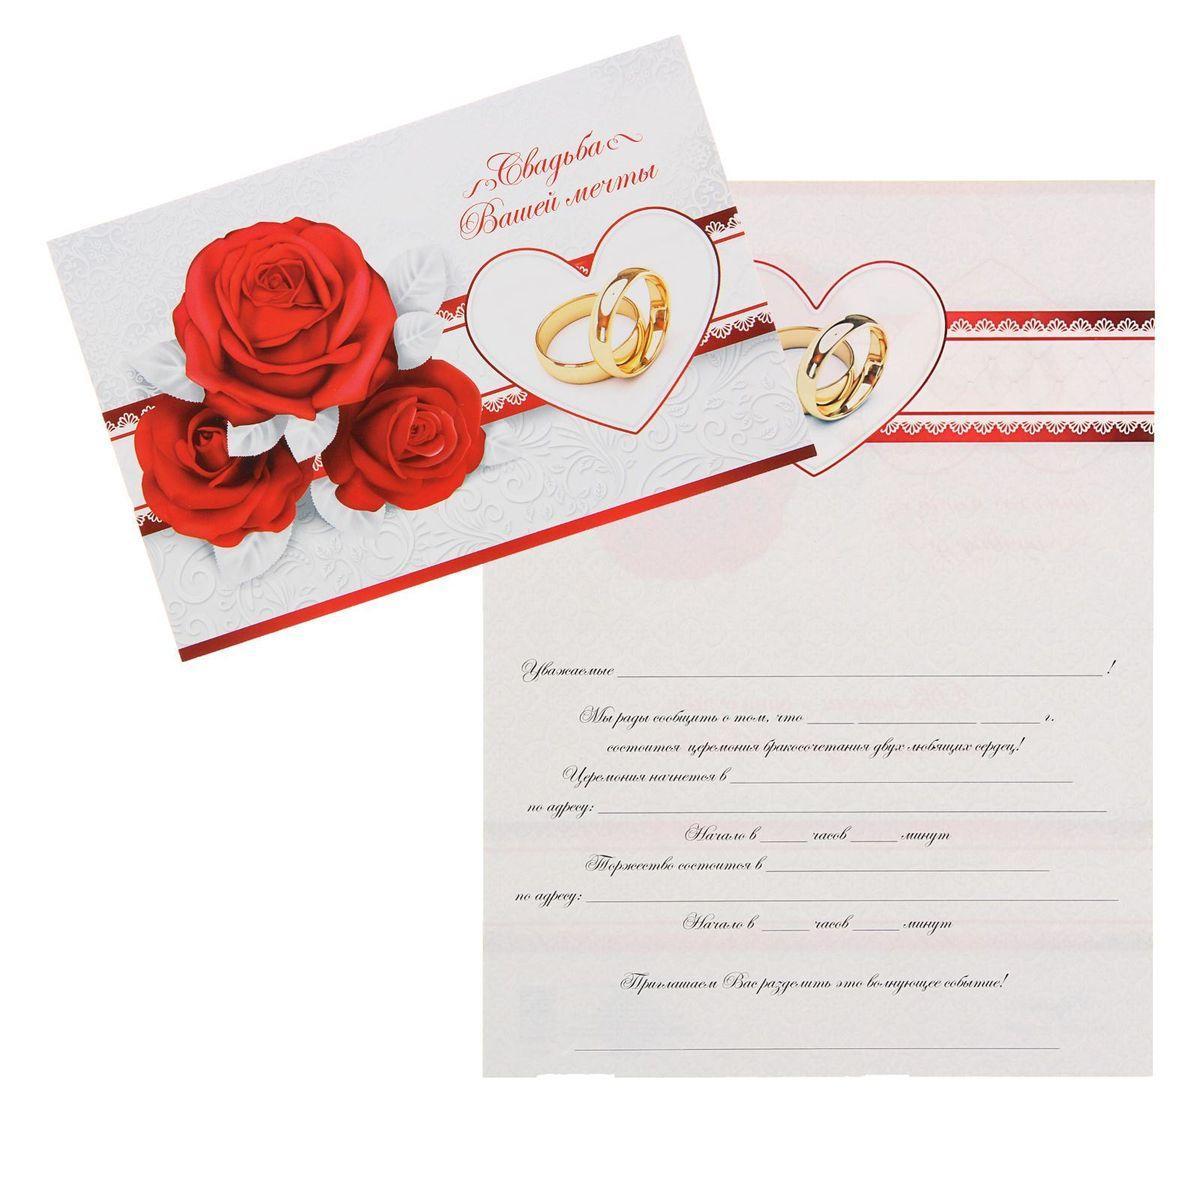 Приглашение на свадьбу Sima-land Красные розы, 18 х 12 смNLED-454-9W-BKСвадьба - одно из главных событий в жизни каждого человека. Для идеального торжества необходимо продумать каждую мелочь. Родным и близким будет приятно получить индивидуальную красивую открытку с эксклюзивным дизайном.На развороте изделия содержится текст, в который вы можете вписать свои данные.С открыткой Sima-land Красные розы вы оригинально пригласите всех своих друзей и родственников на ваш праздник.